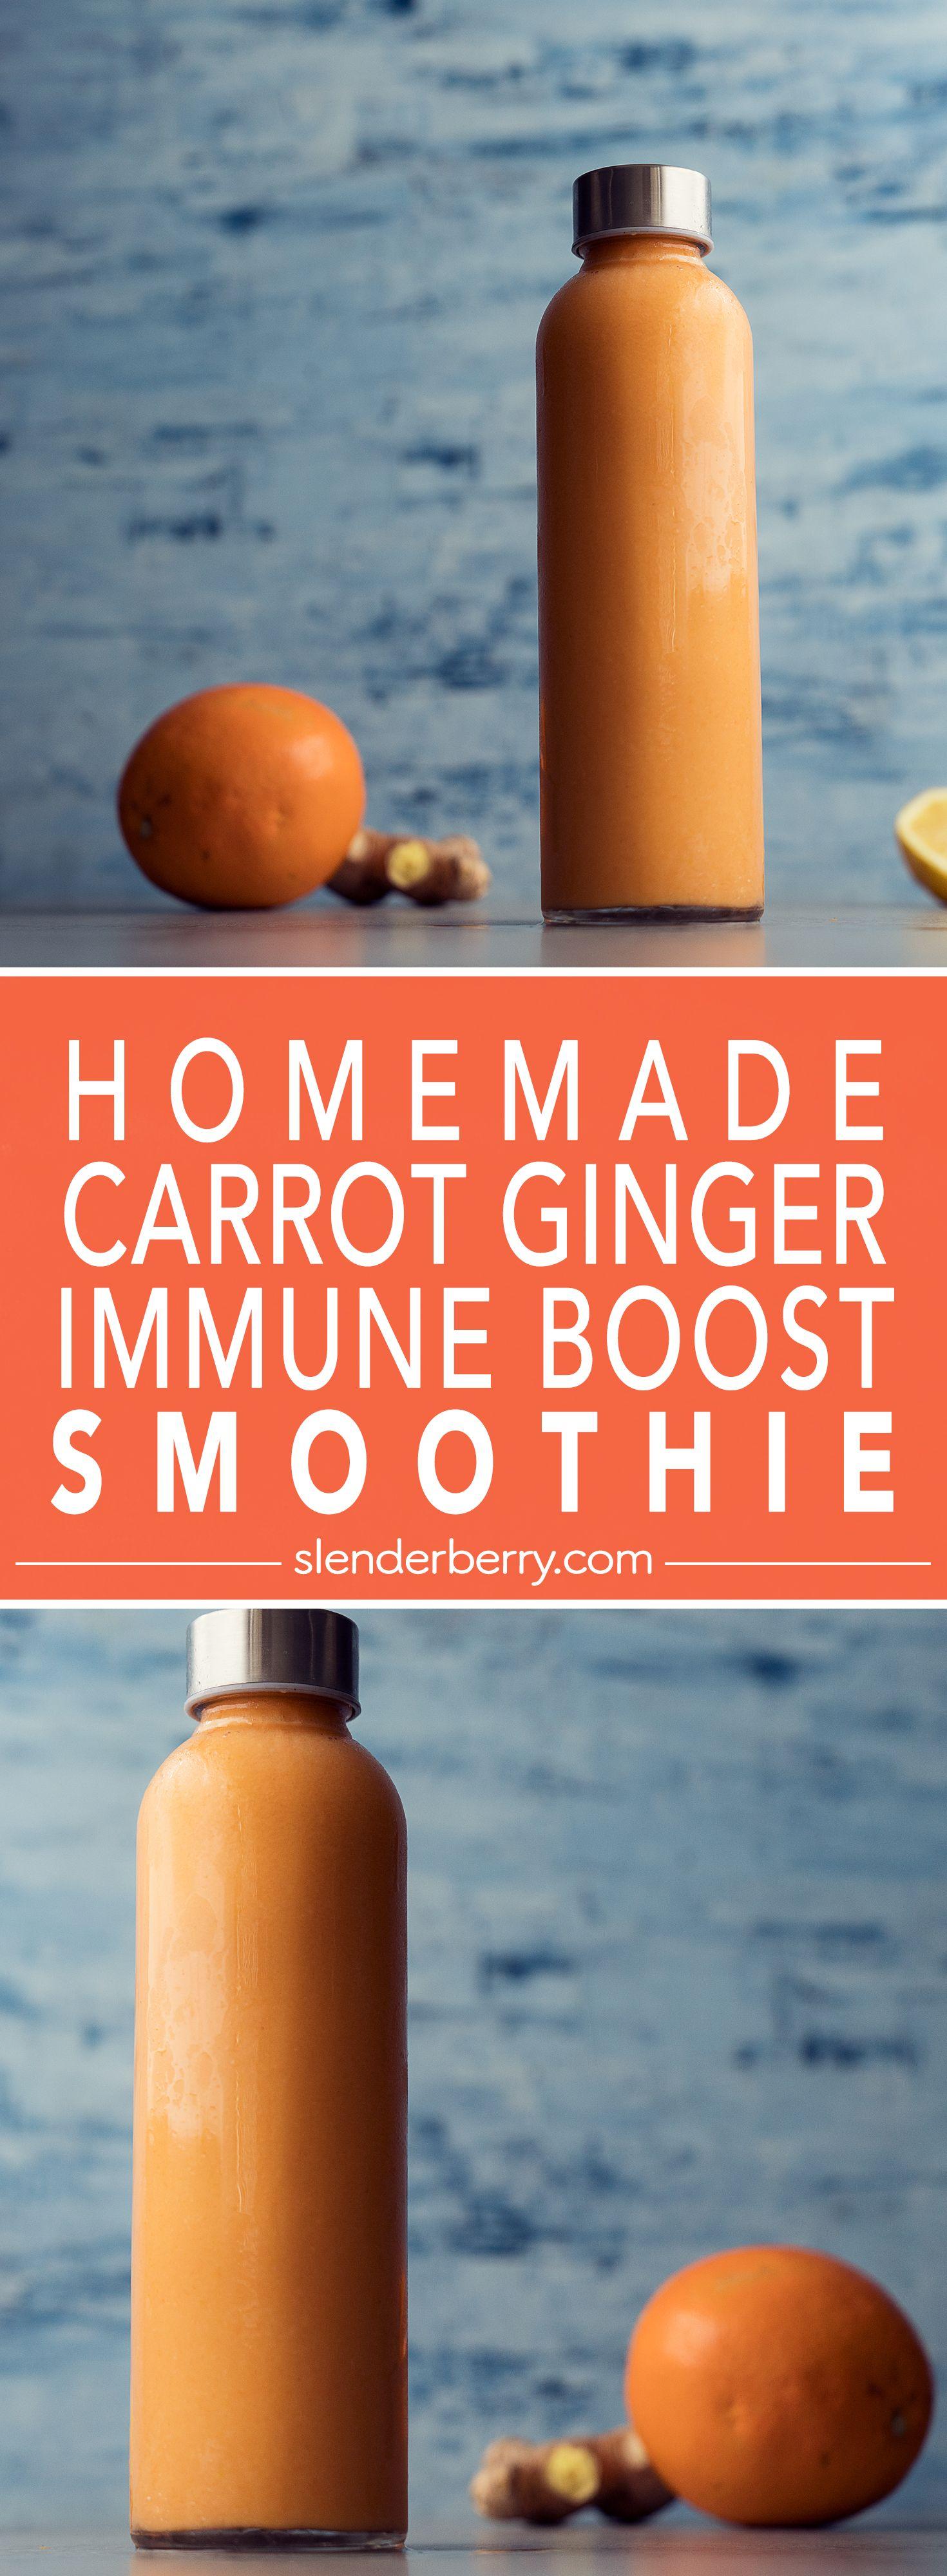 Homemade carrot ginger immune boost smoothie